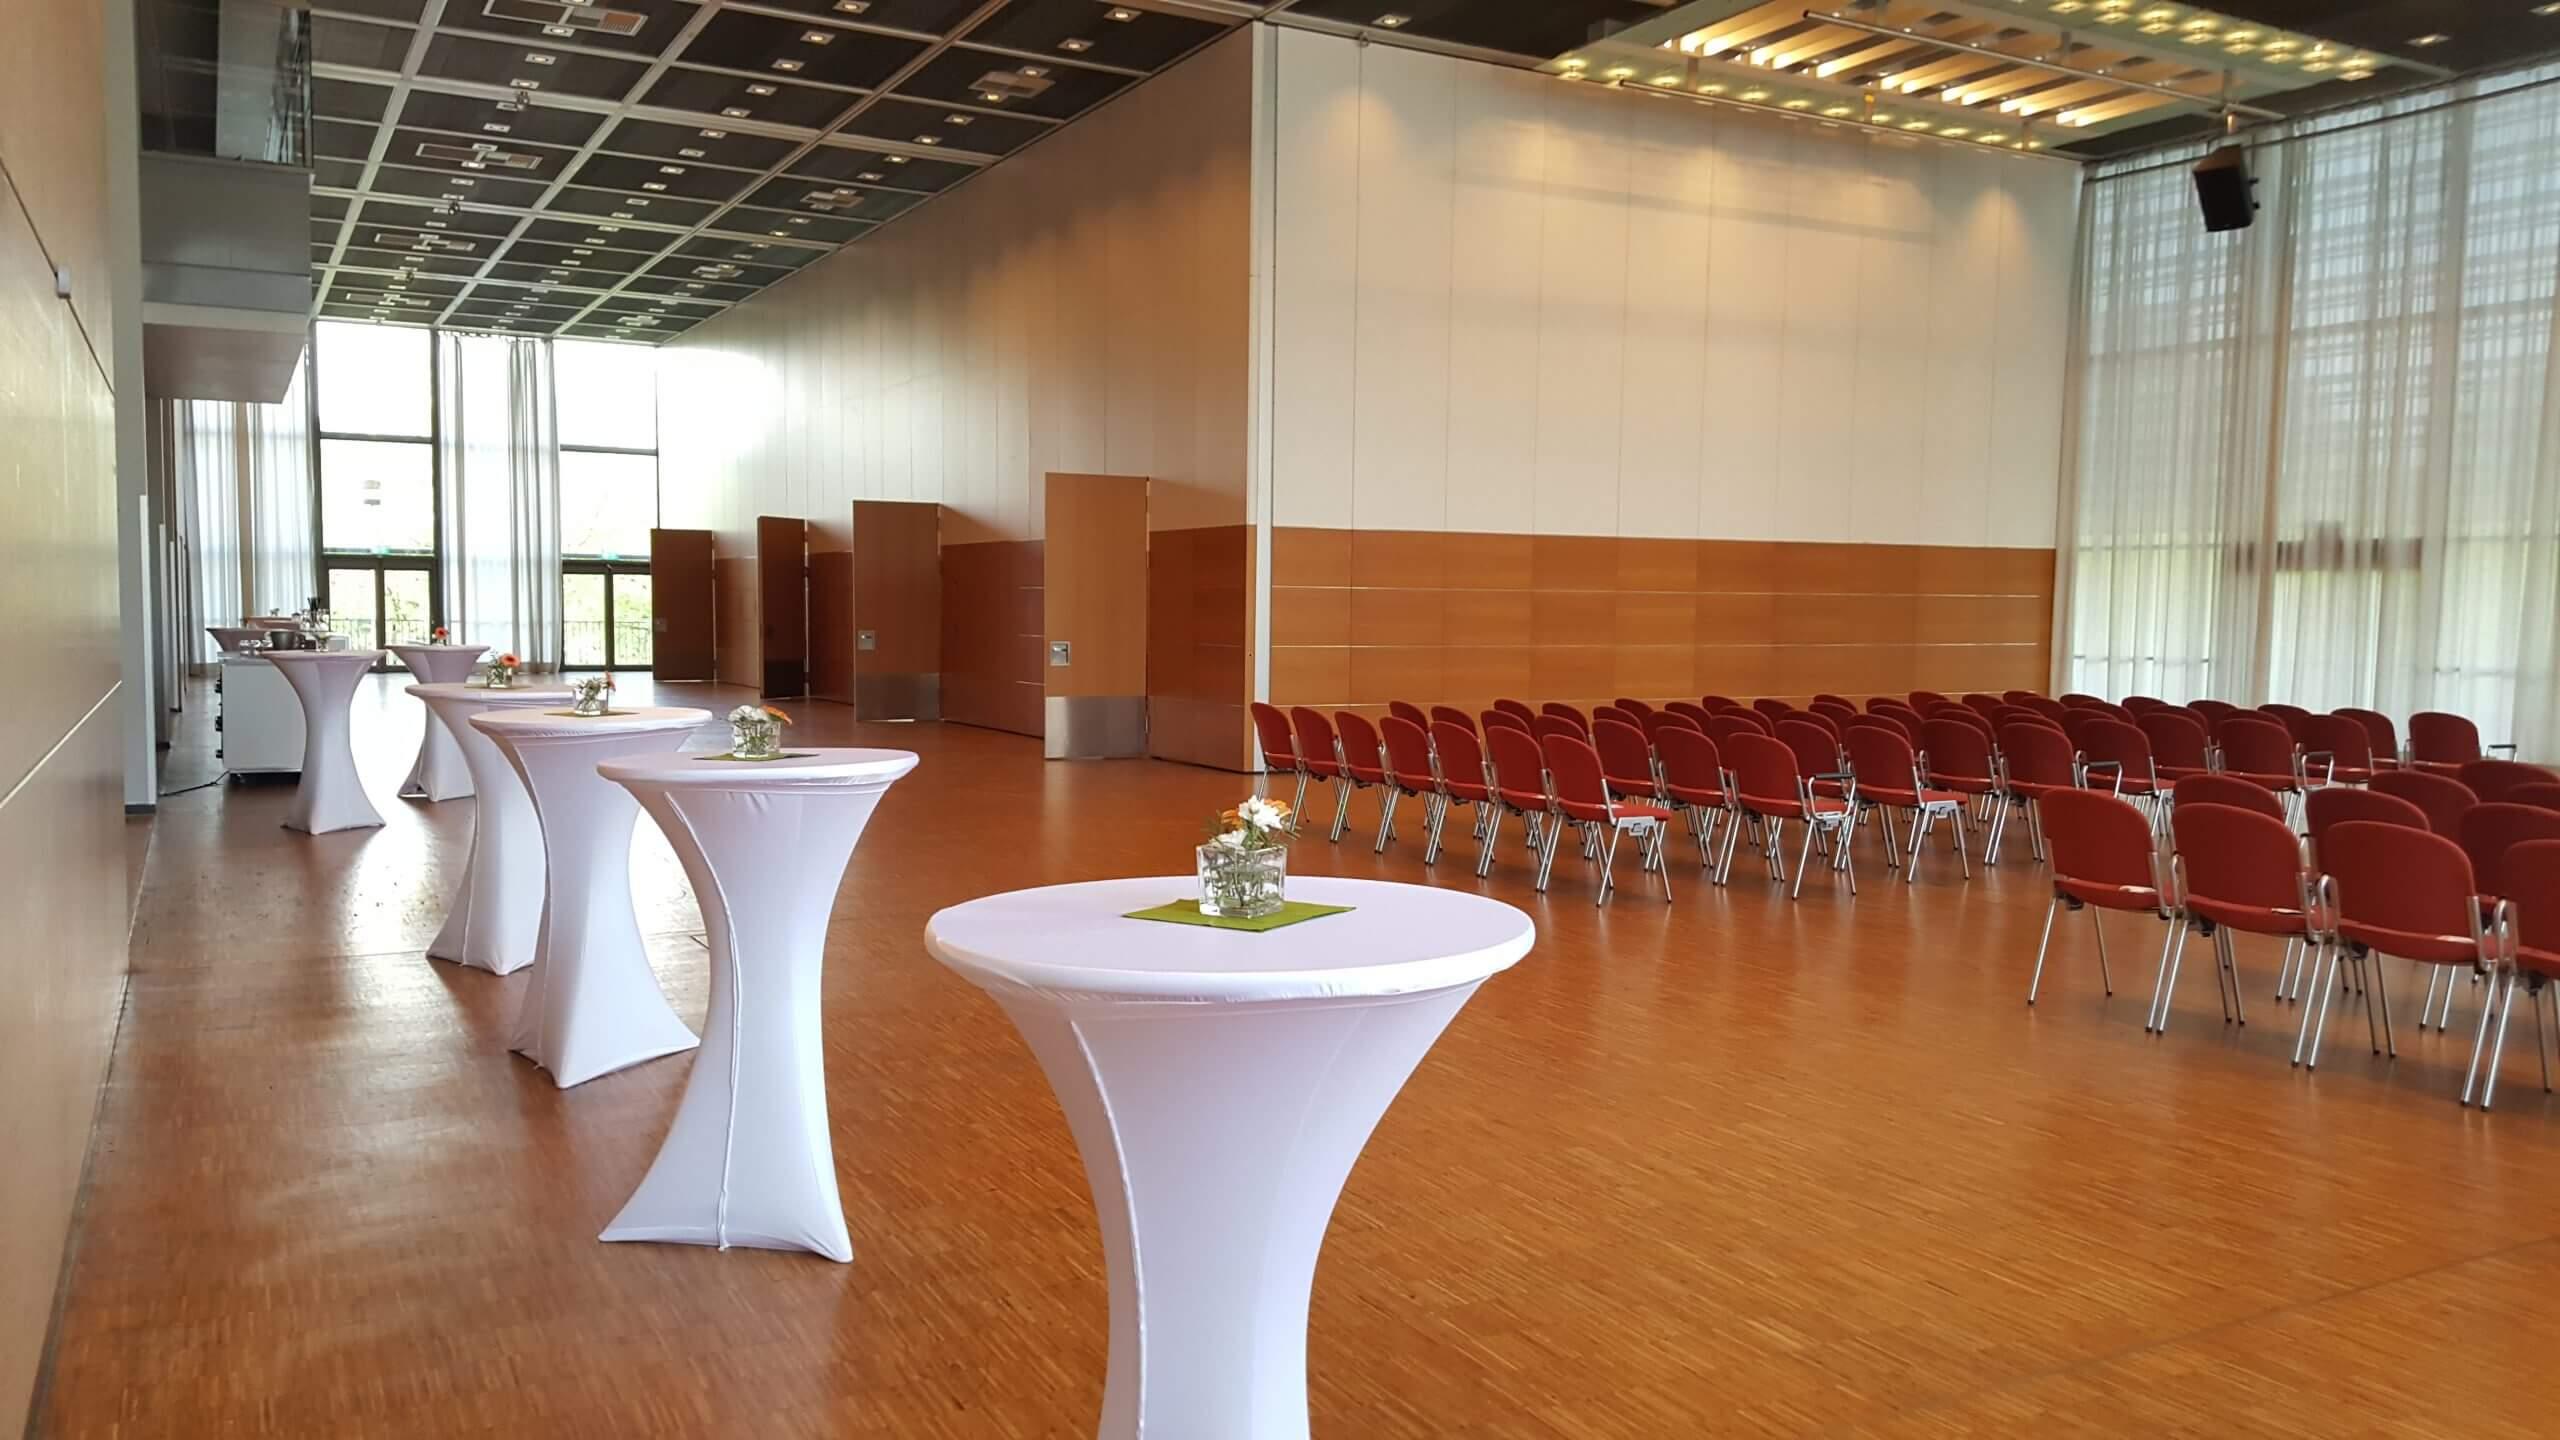 Saal West Variante Nord klein und Konferenzraeume vier bis sieben in der Congresshalle mit Reihenbestuhlung